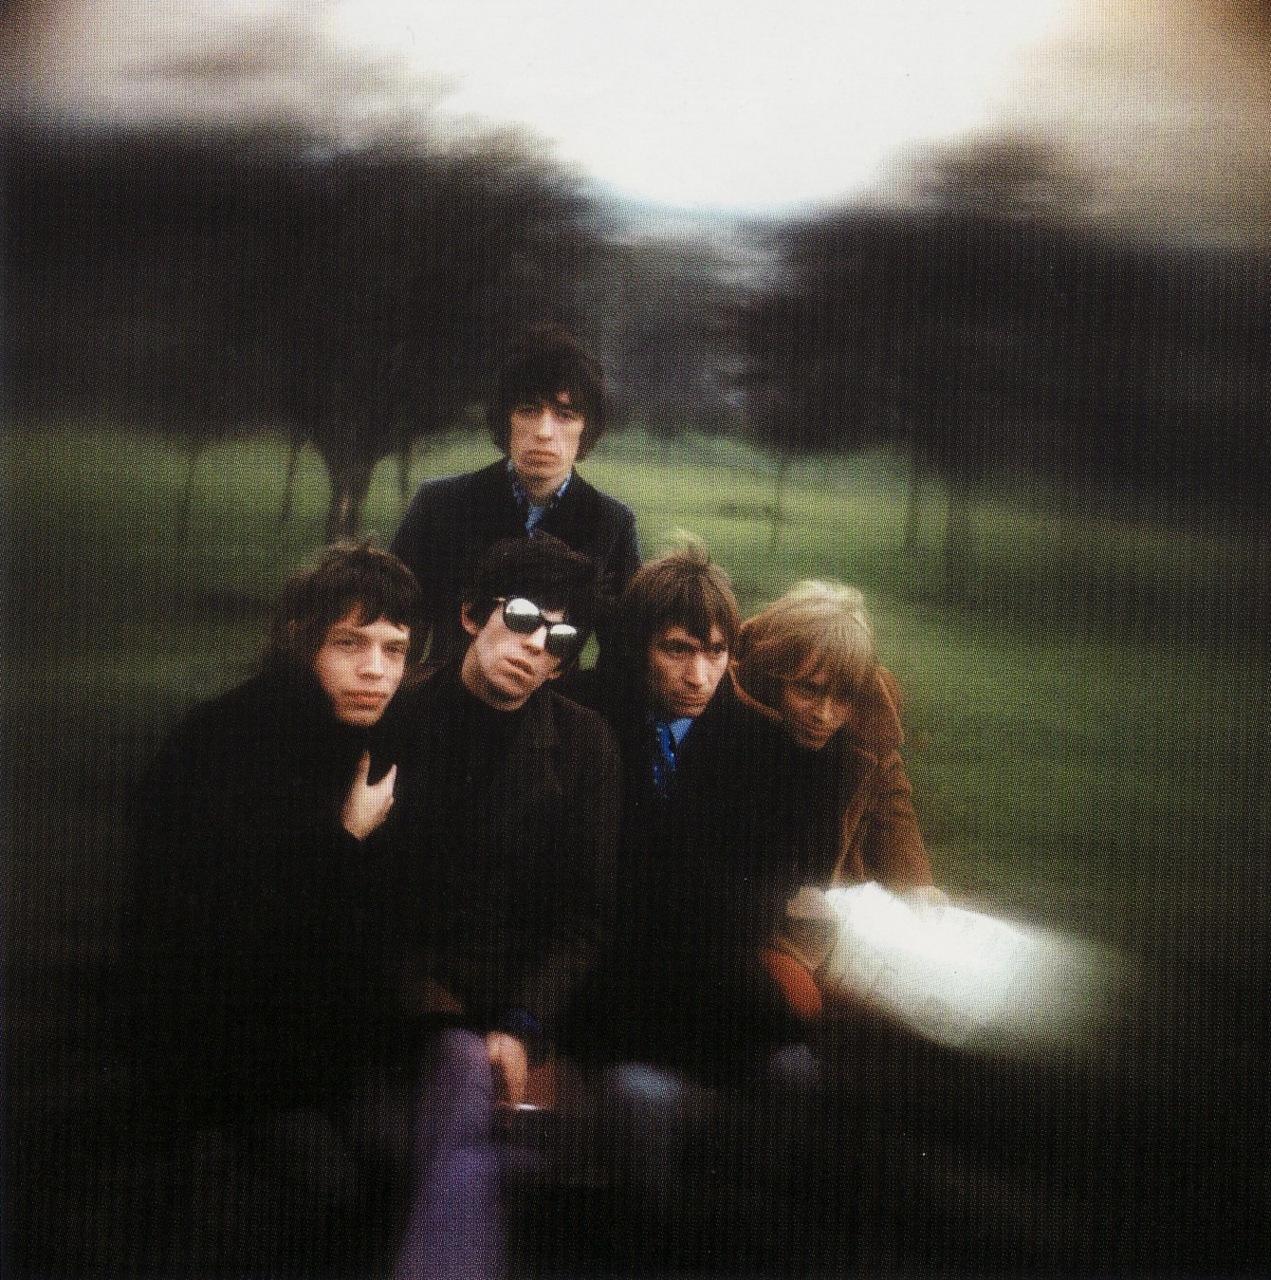 Stones blur